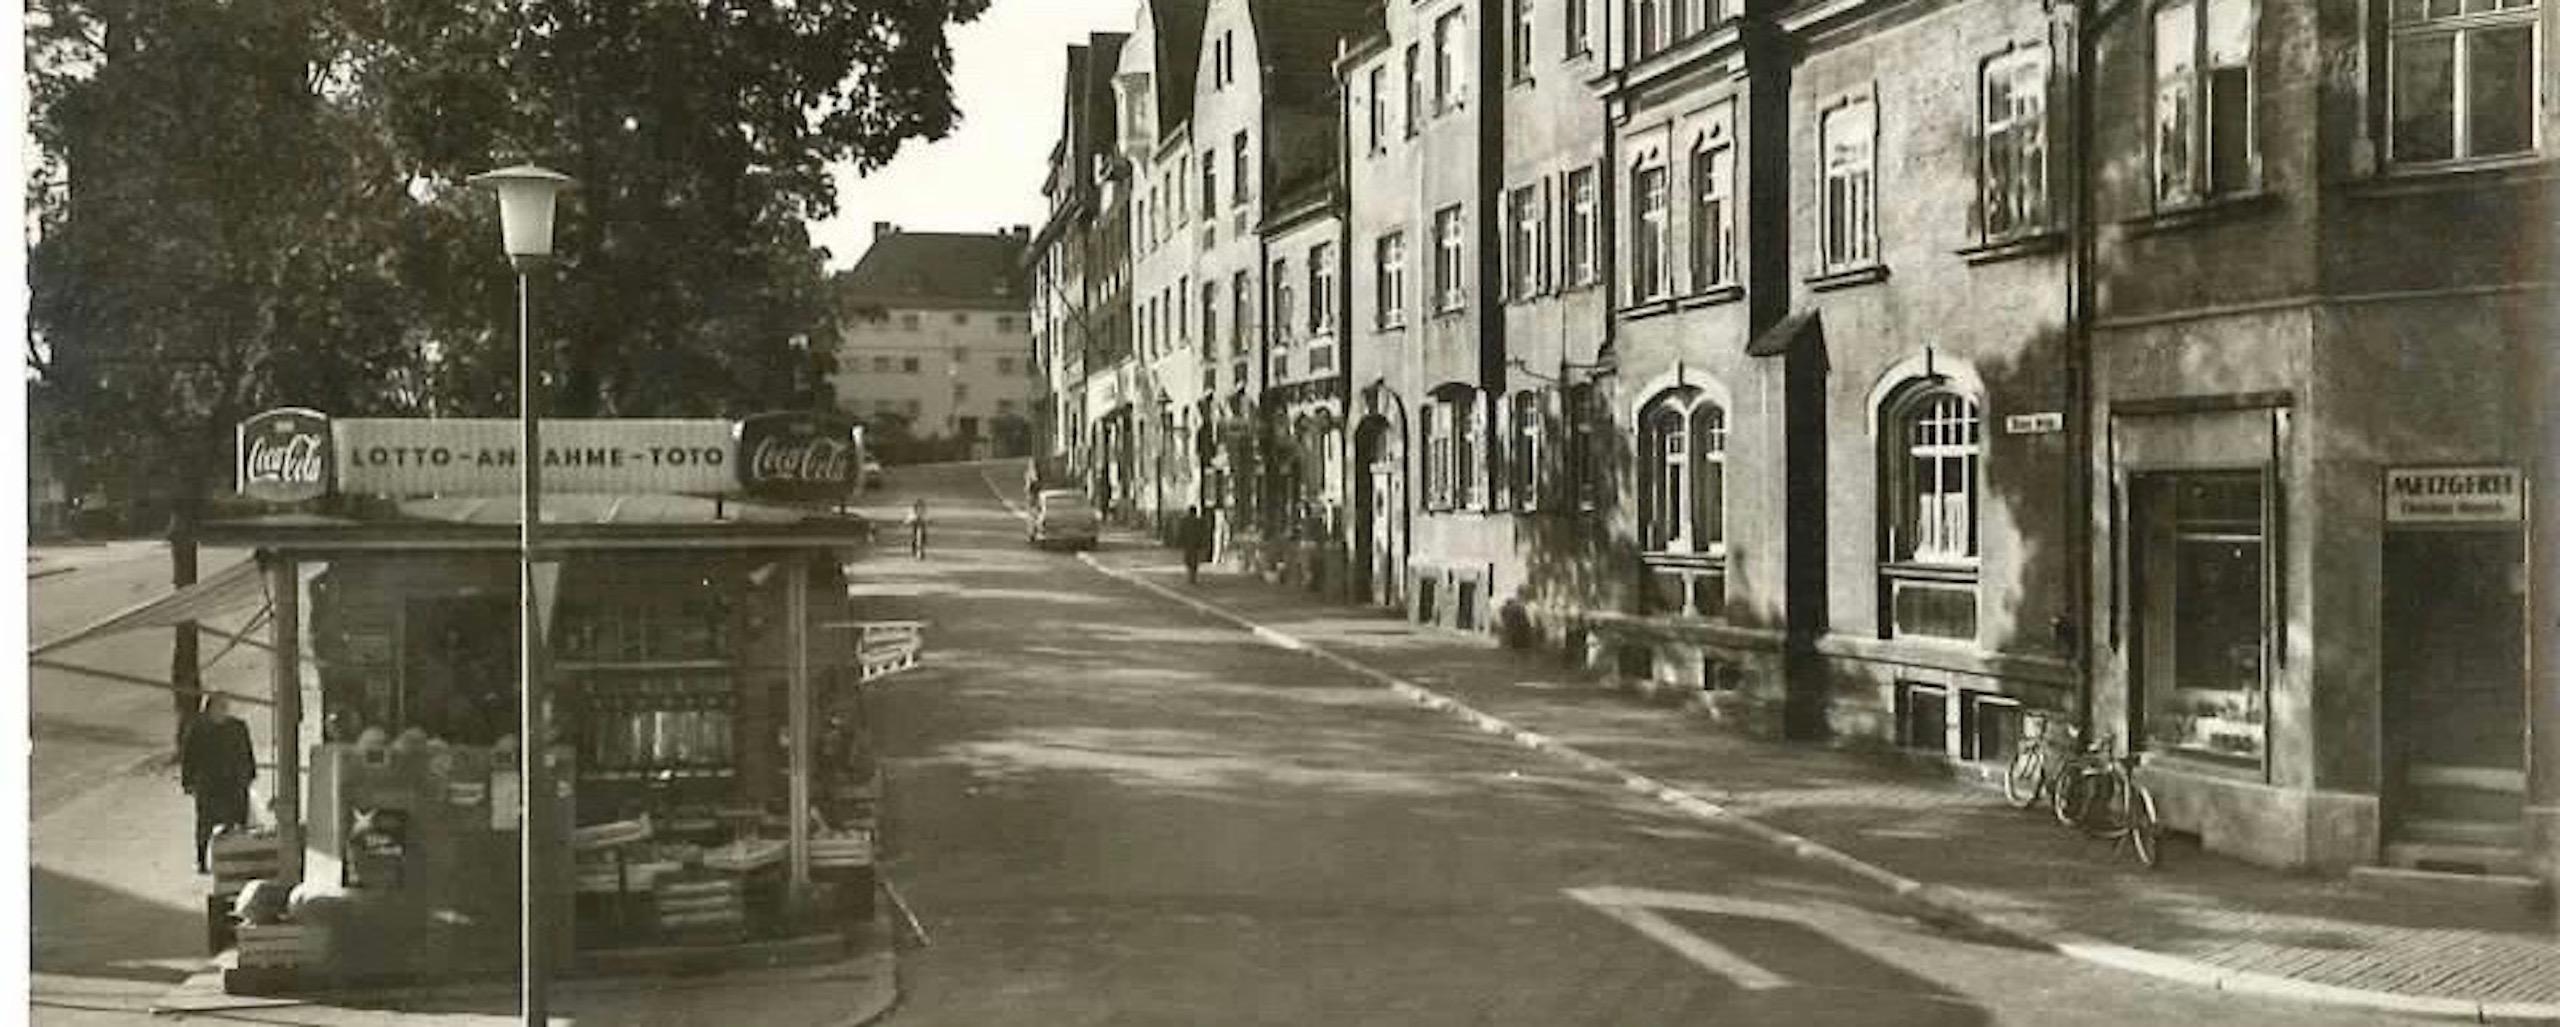 historisches Bild 1950 | Metzgerei Herpich in Hof